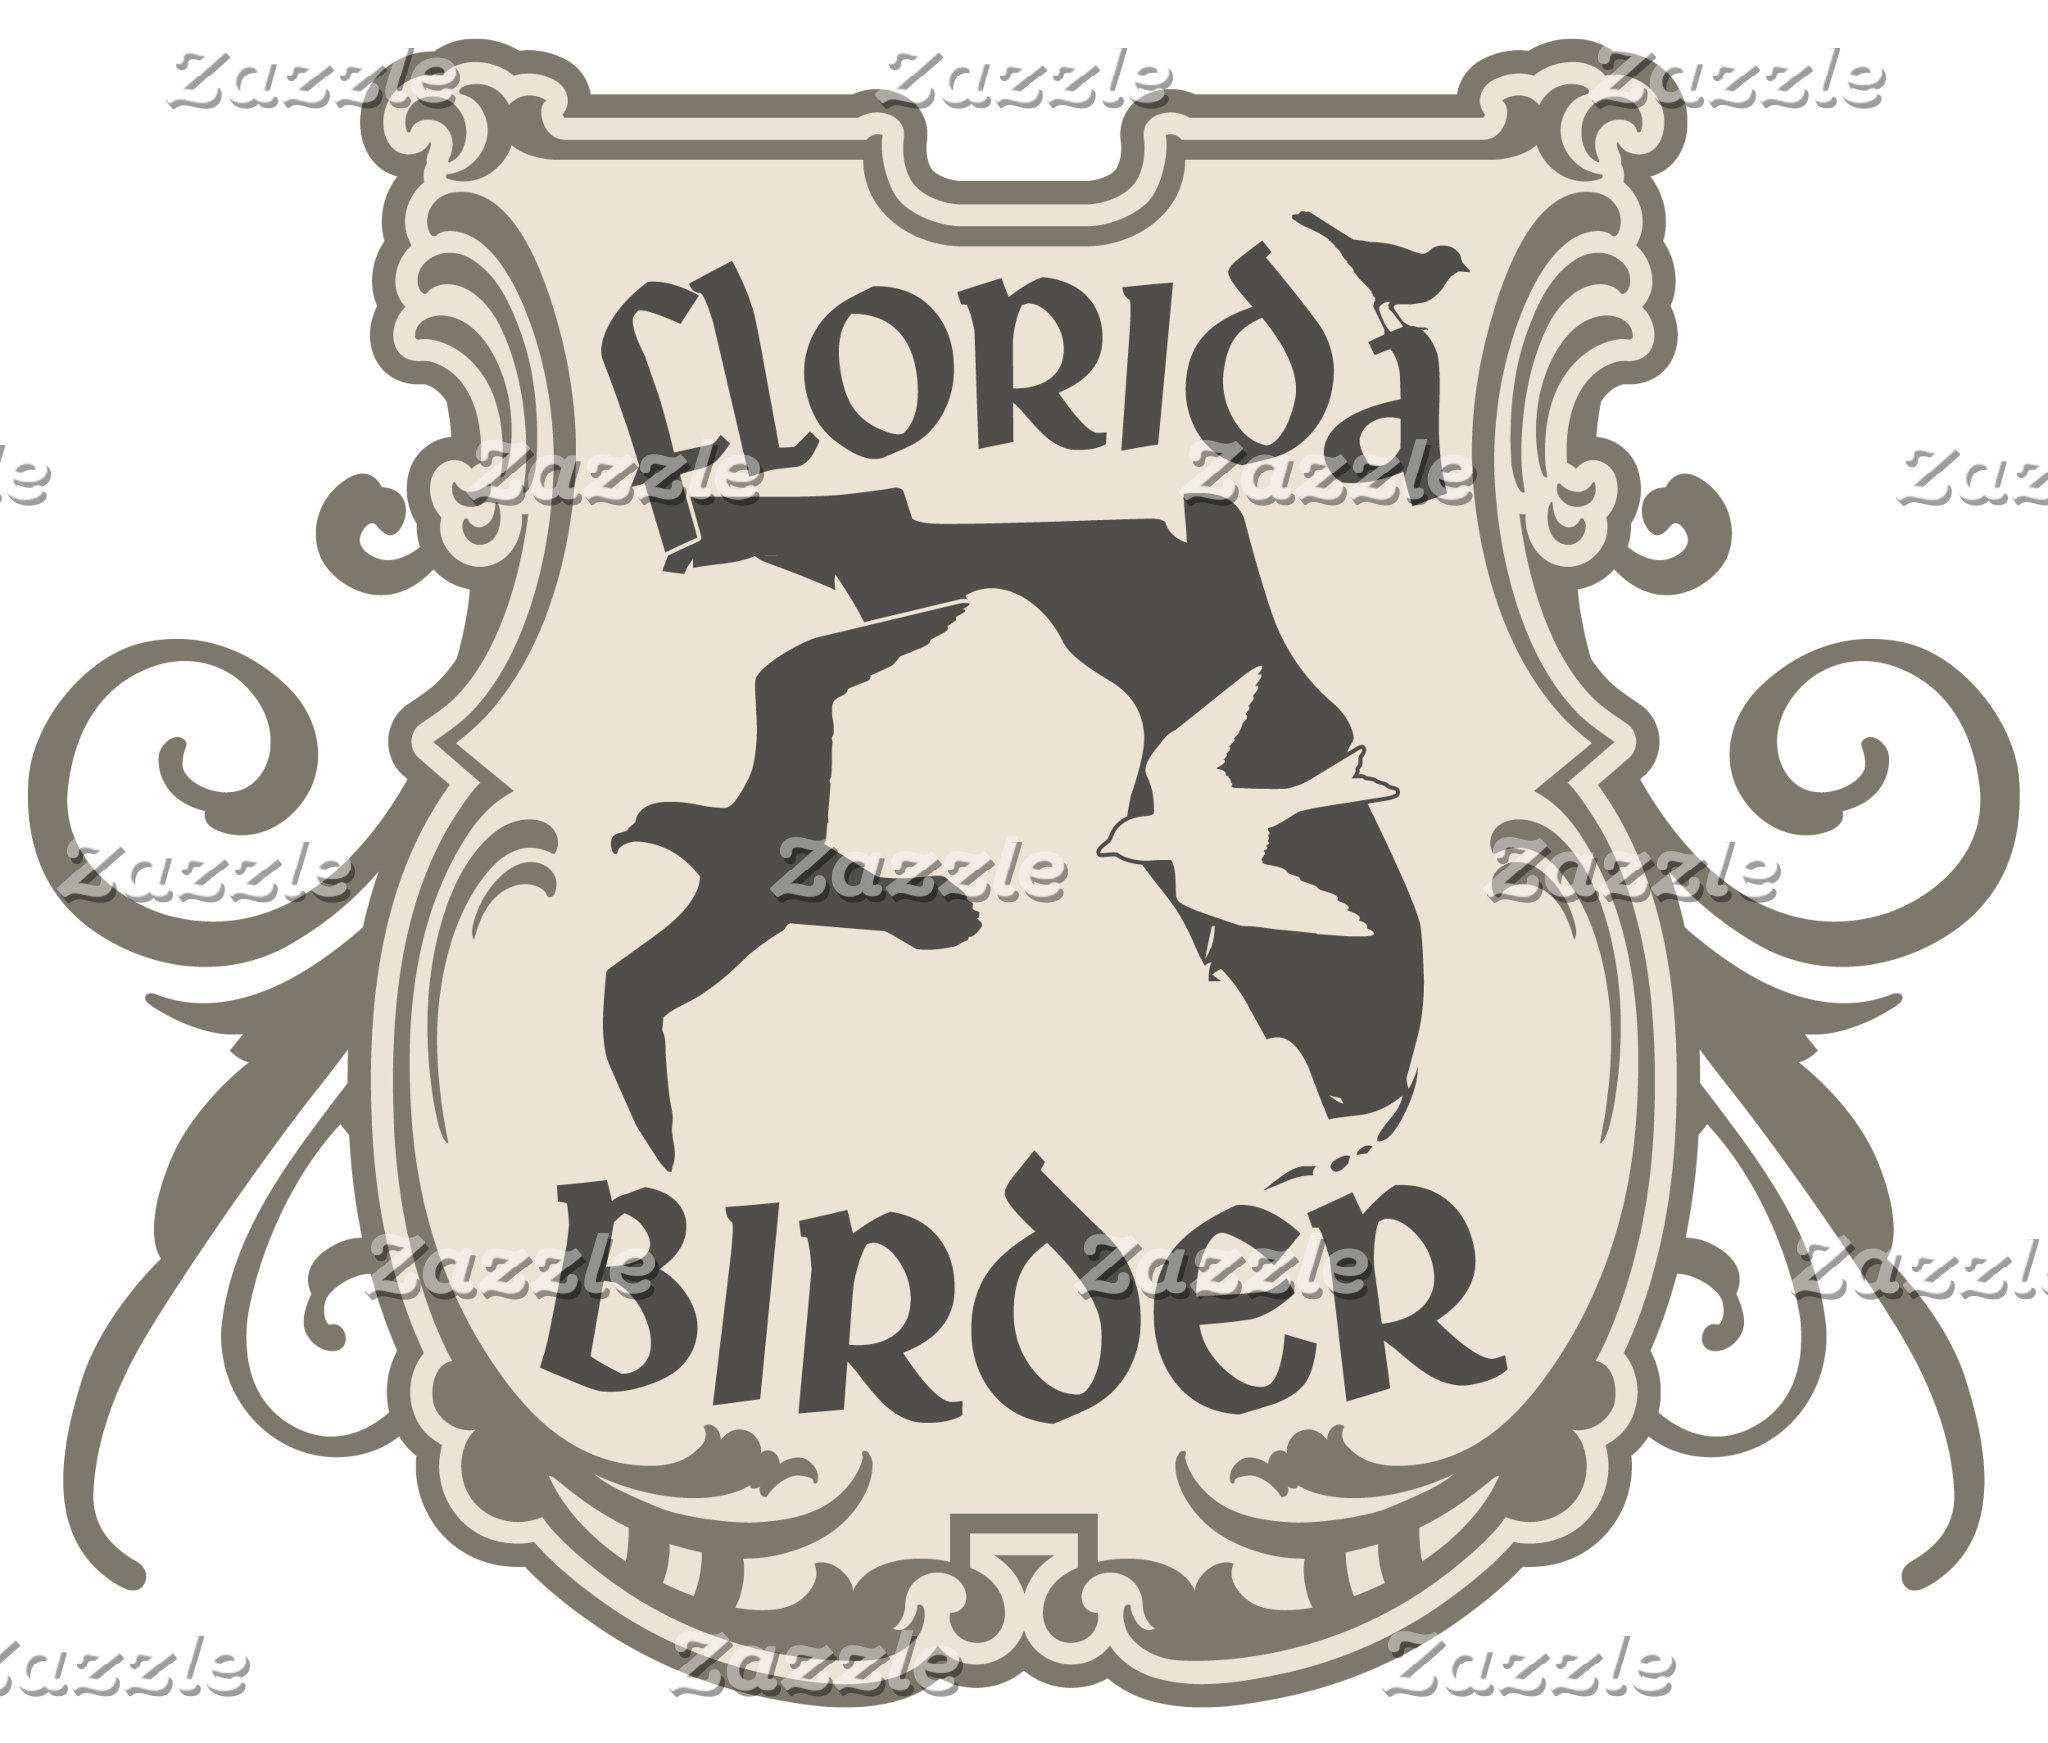 Local Birder, Traveling Birder